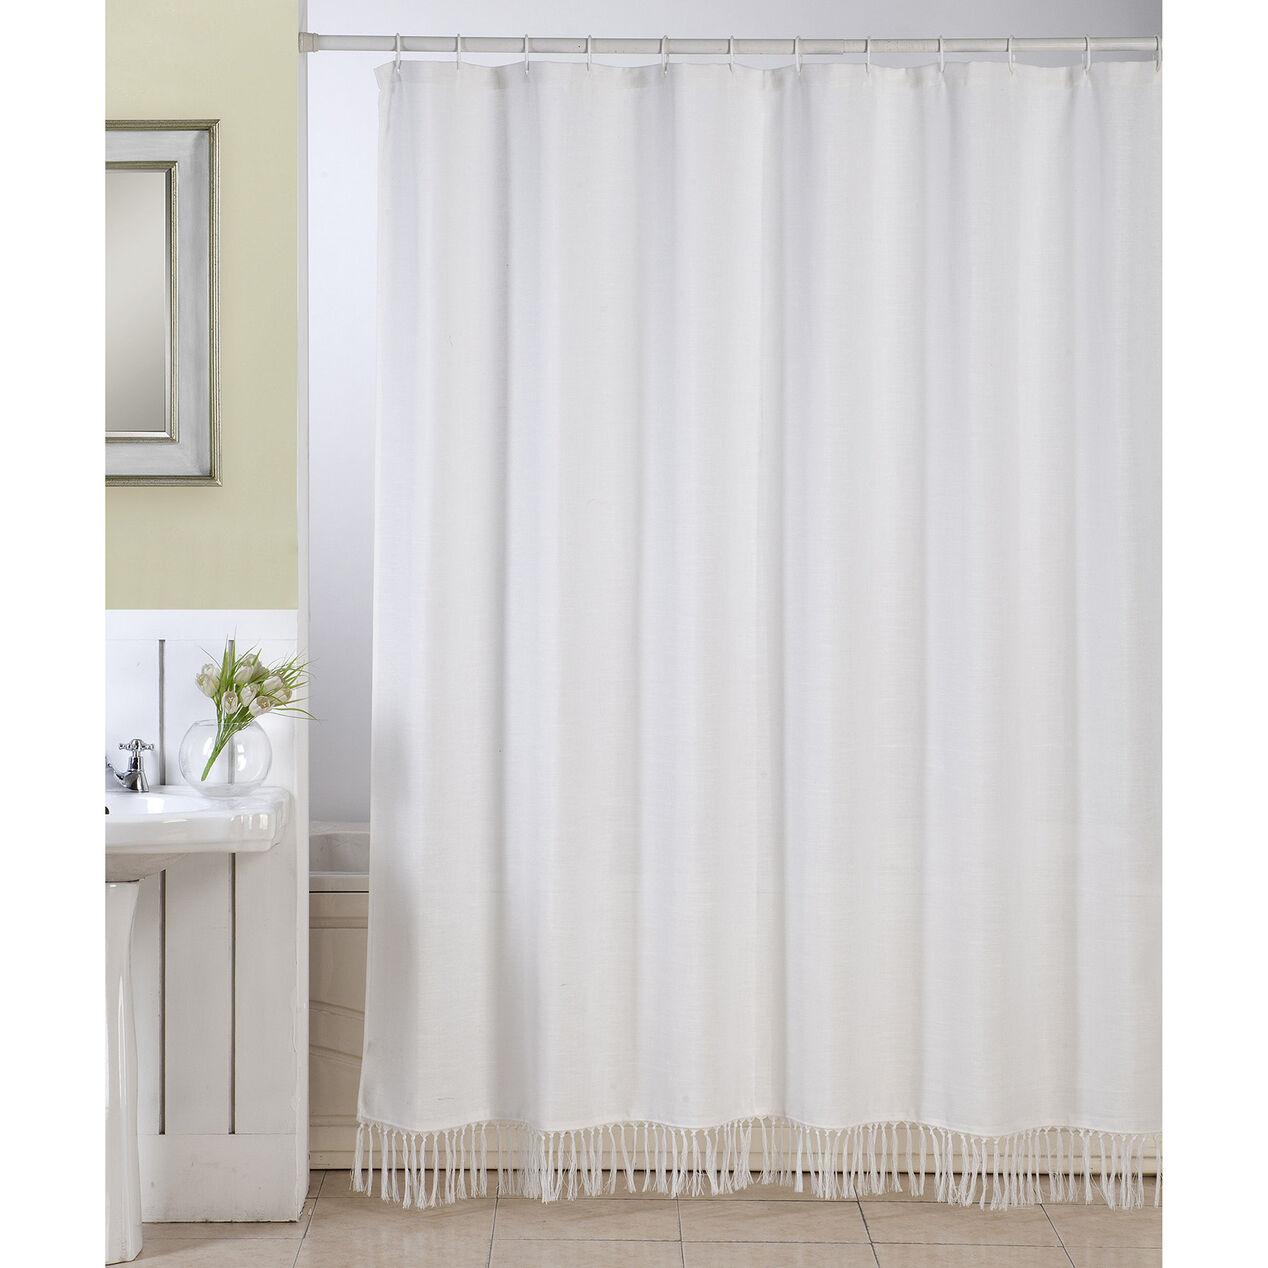 White Linen Fringe Shower Curtain - At Home